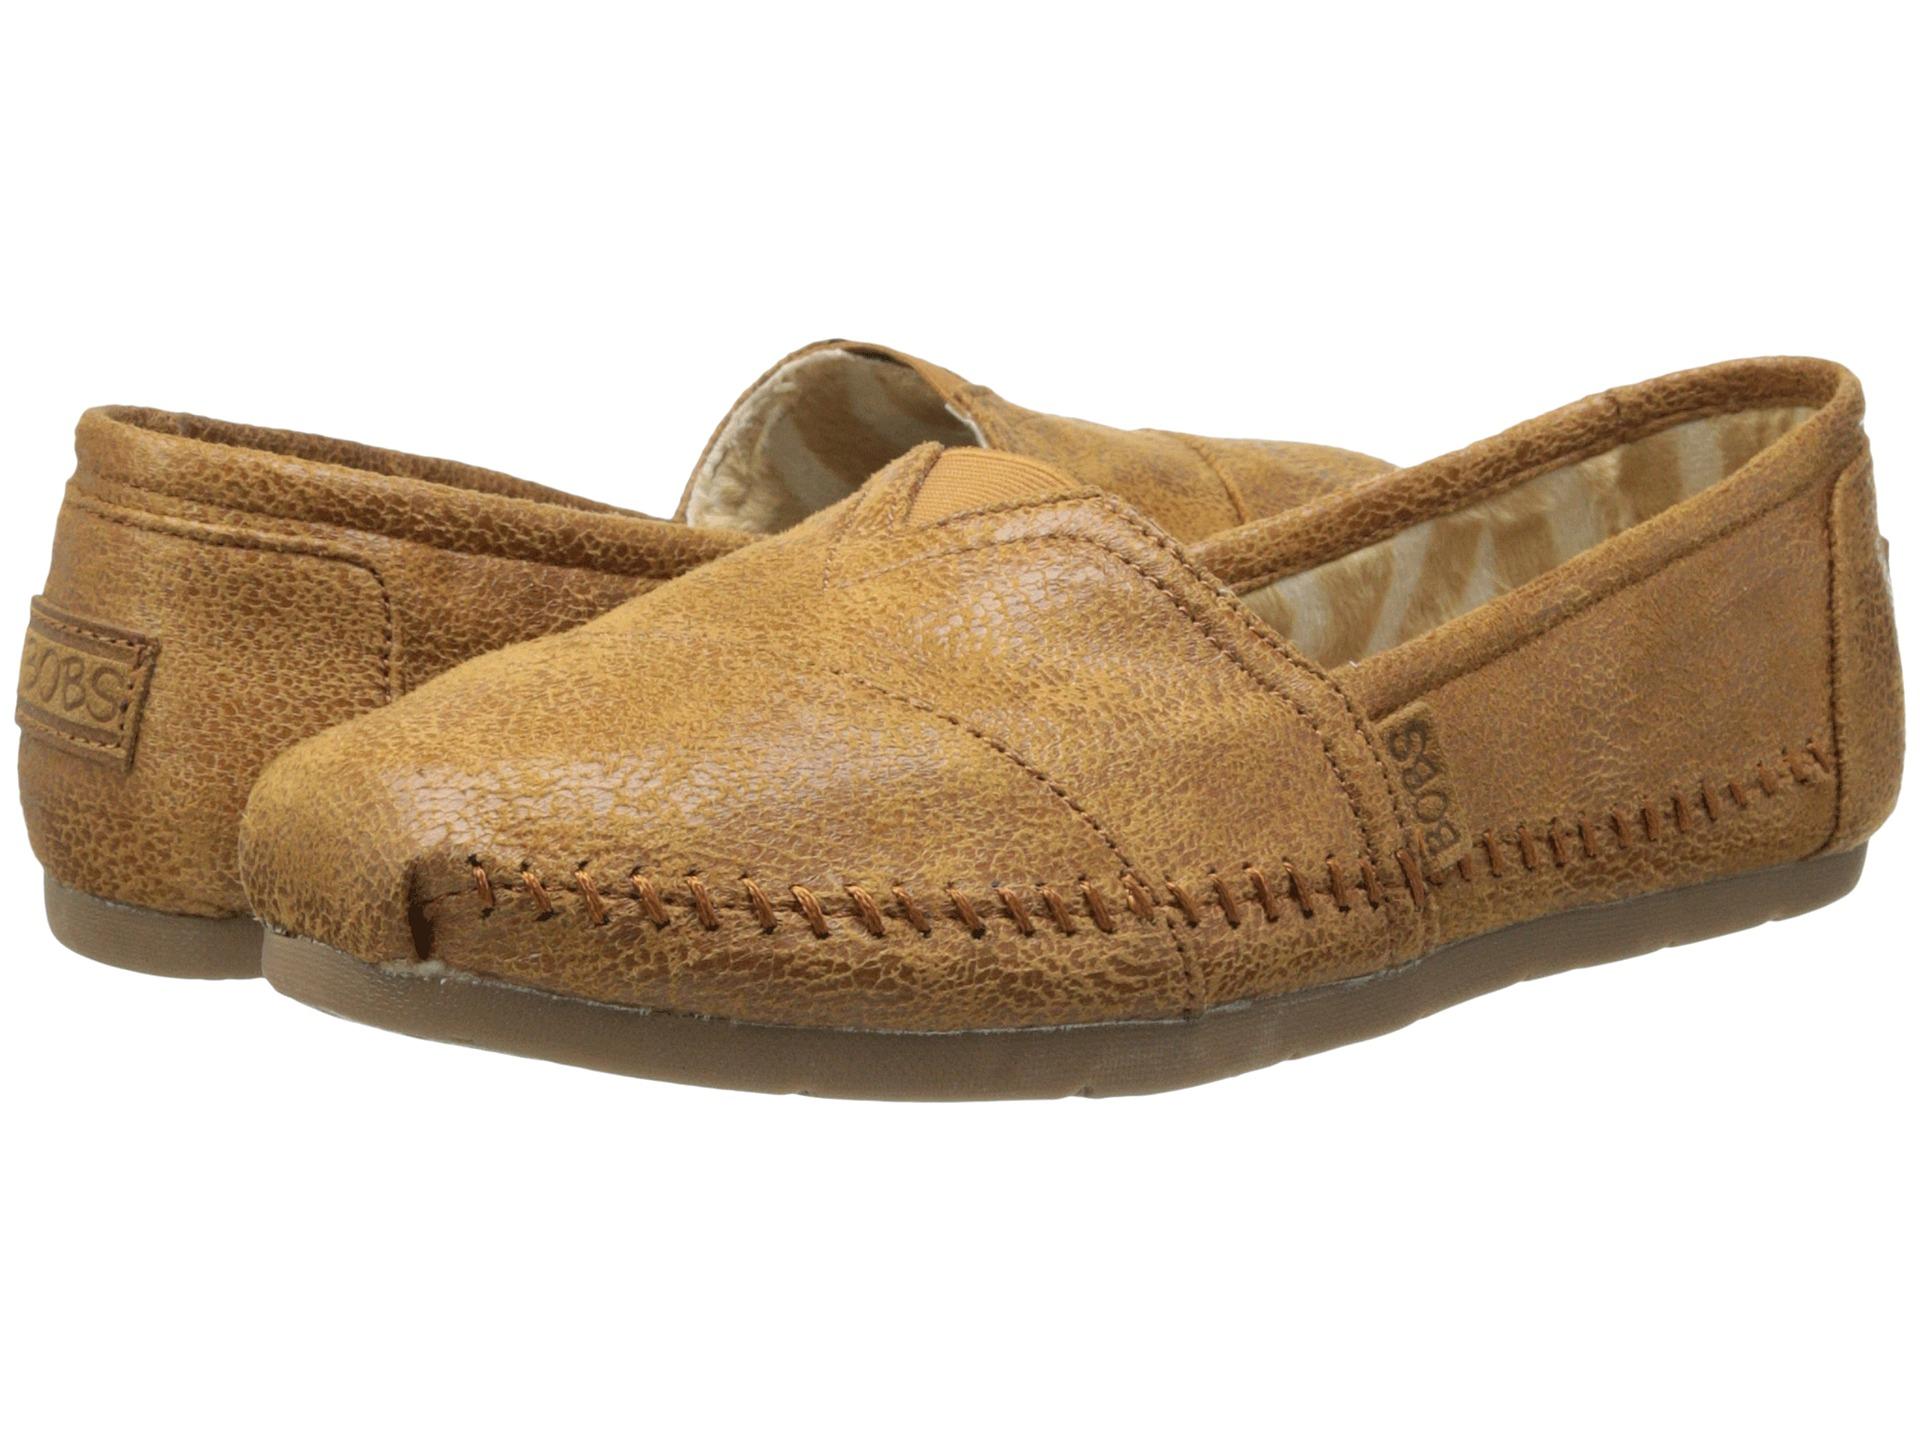 Skechers Bobs Women S Shoes